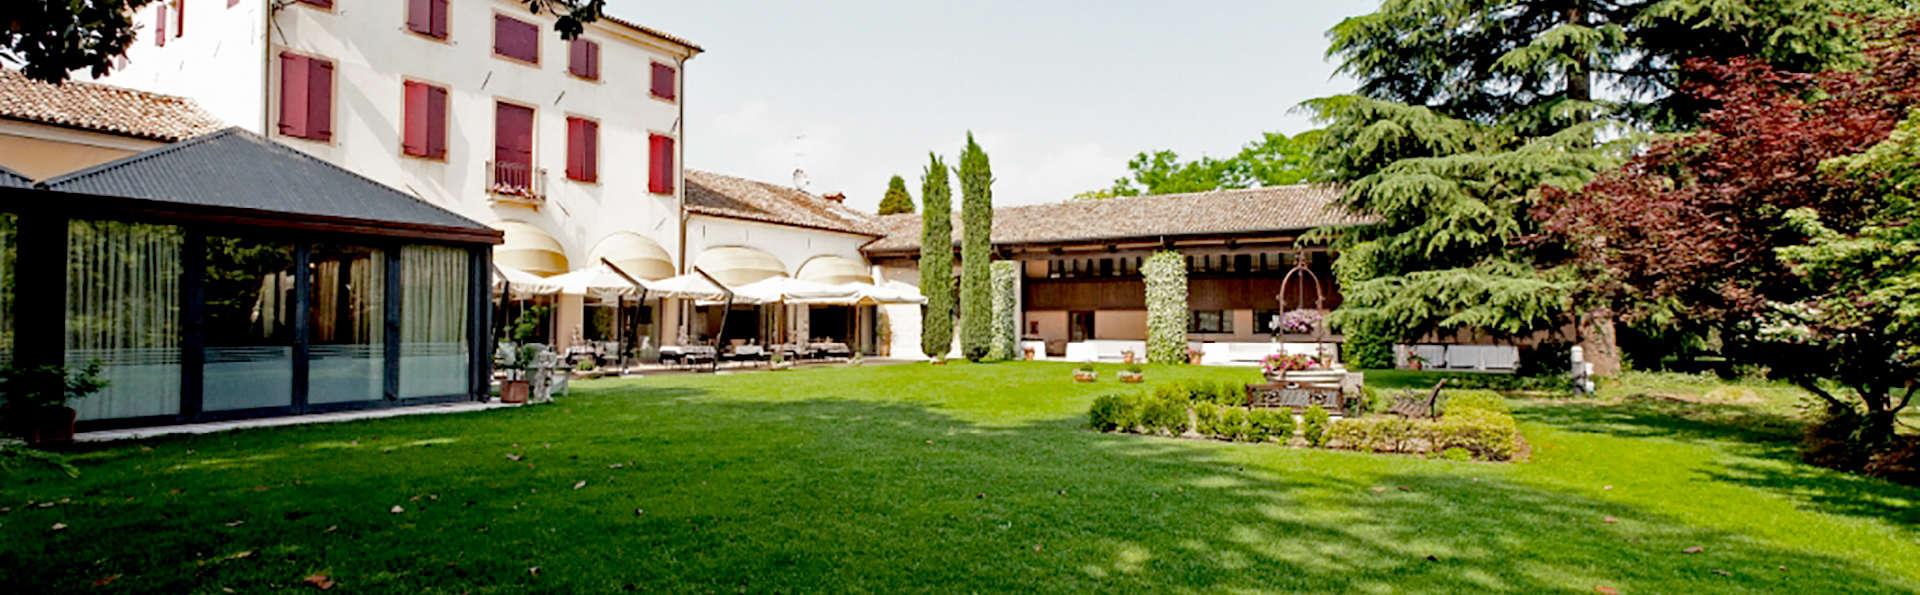 Hotel Villa Palma - Edit_garden2.jpg